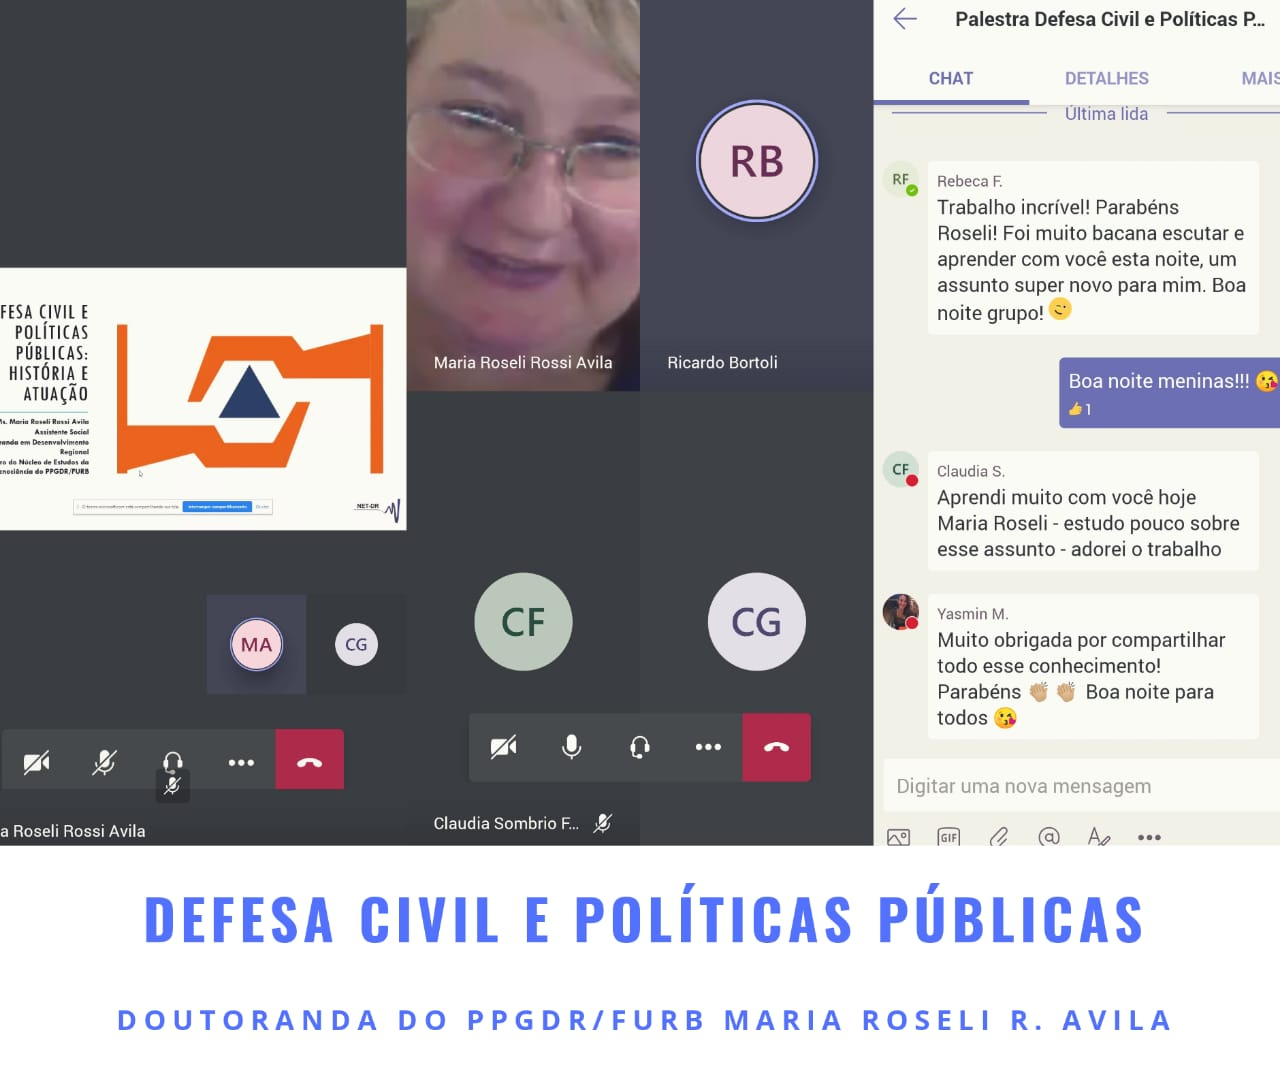 Palestra Defesa Civil com a Doutoranda M